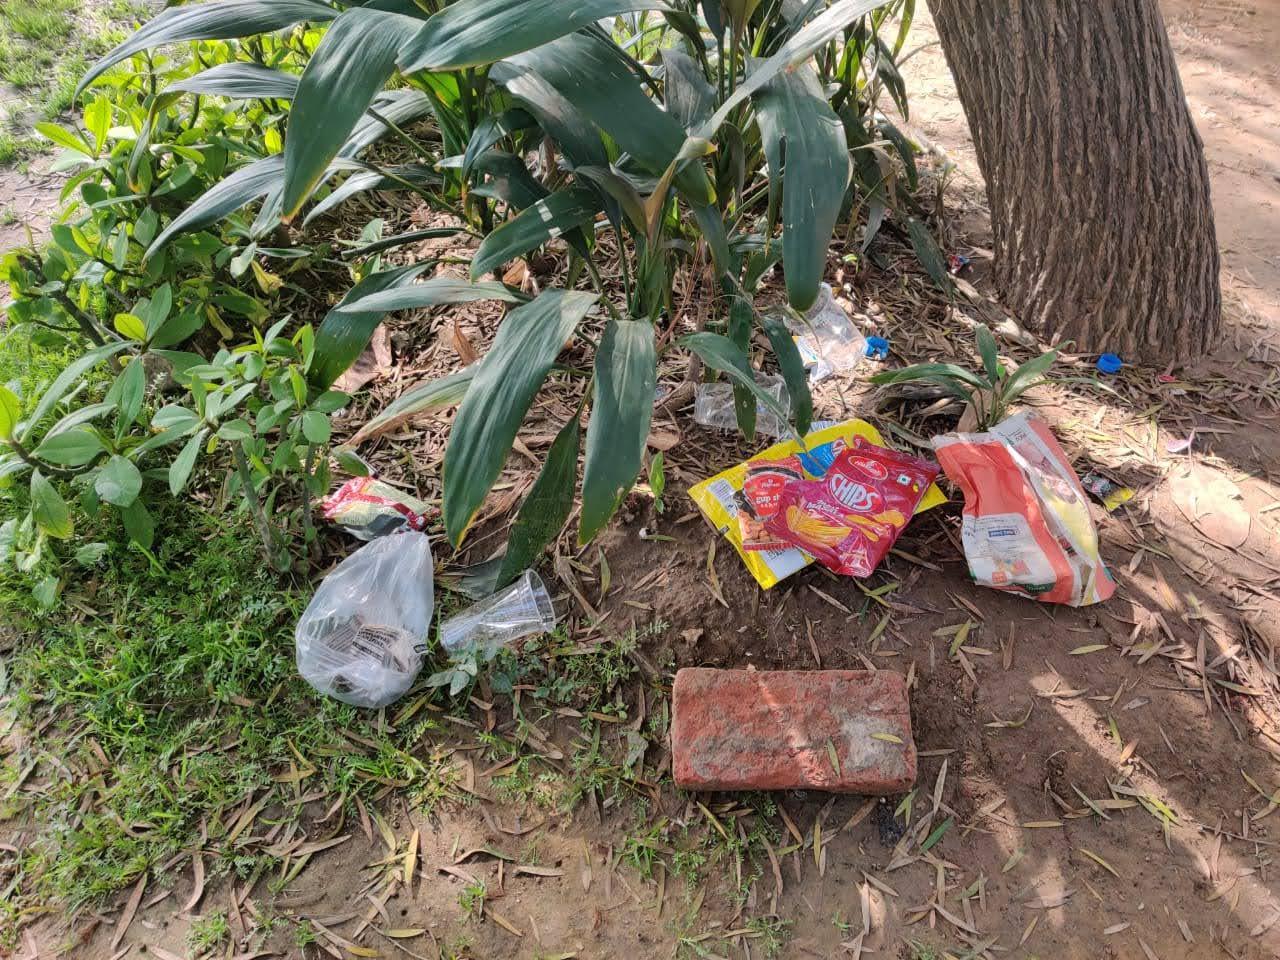 Jan 10 2020- Singapore Park Cleanliness drive - 3